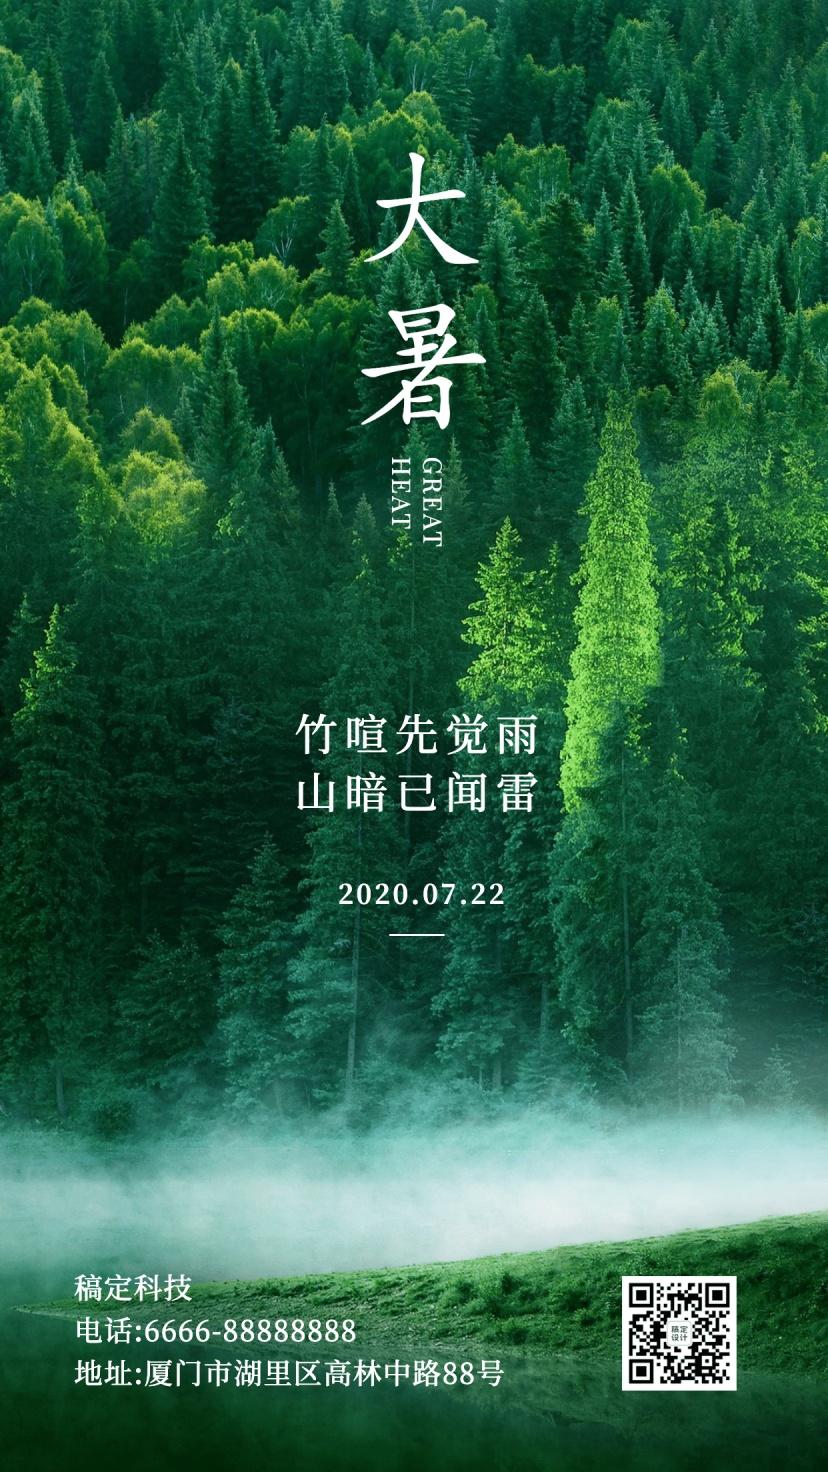 大暑节气夏天绿植景色实景手机海报